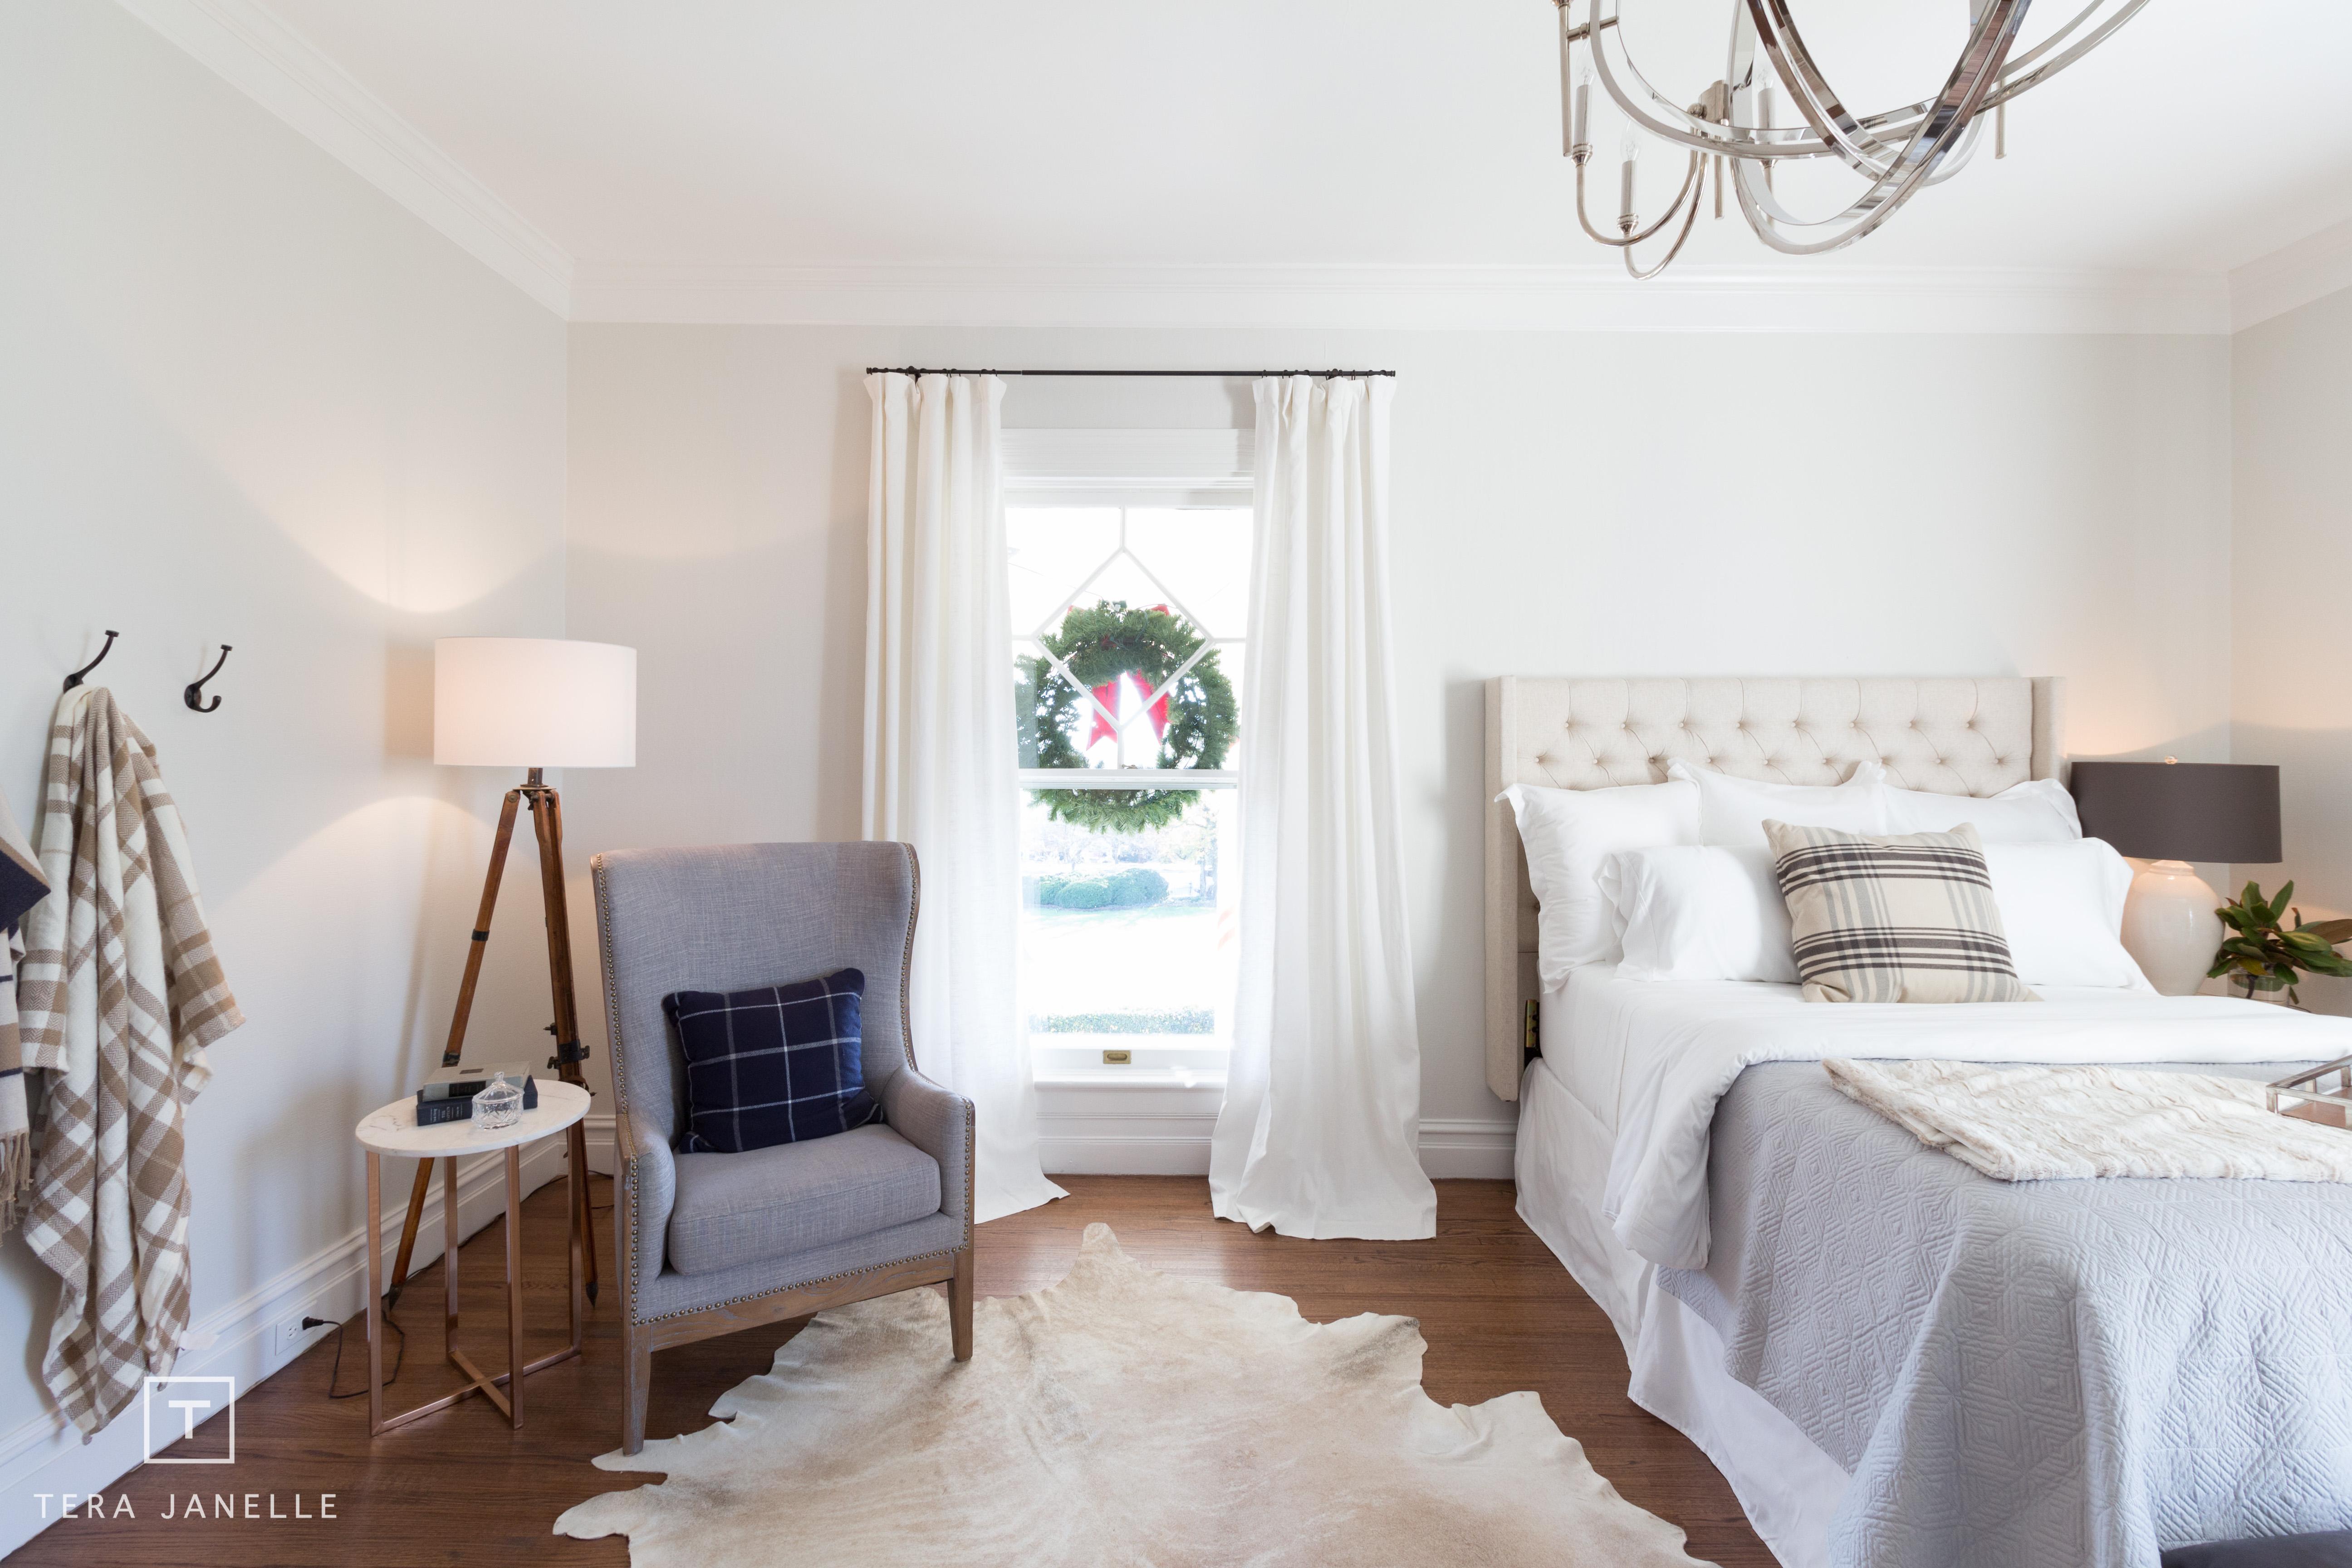 Tera Janelle - Right Bedroom-3.jpg